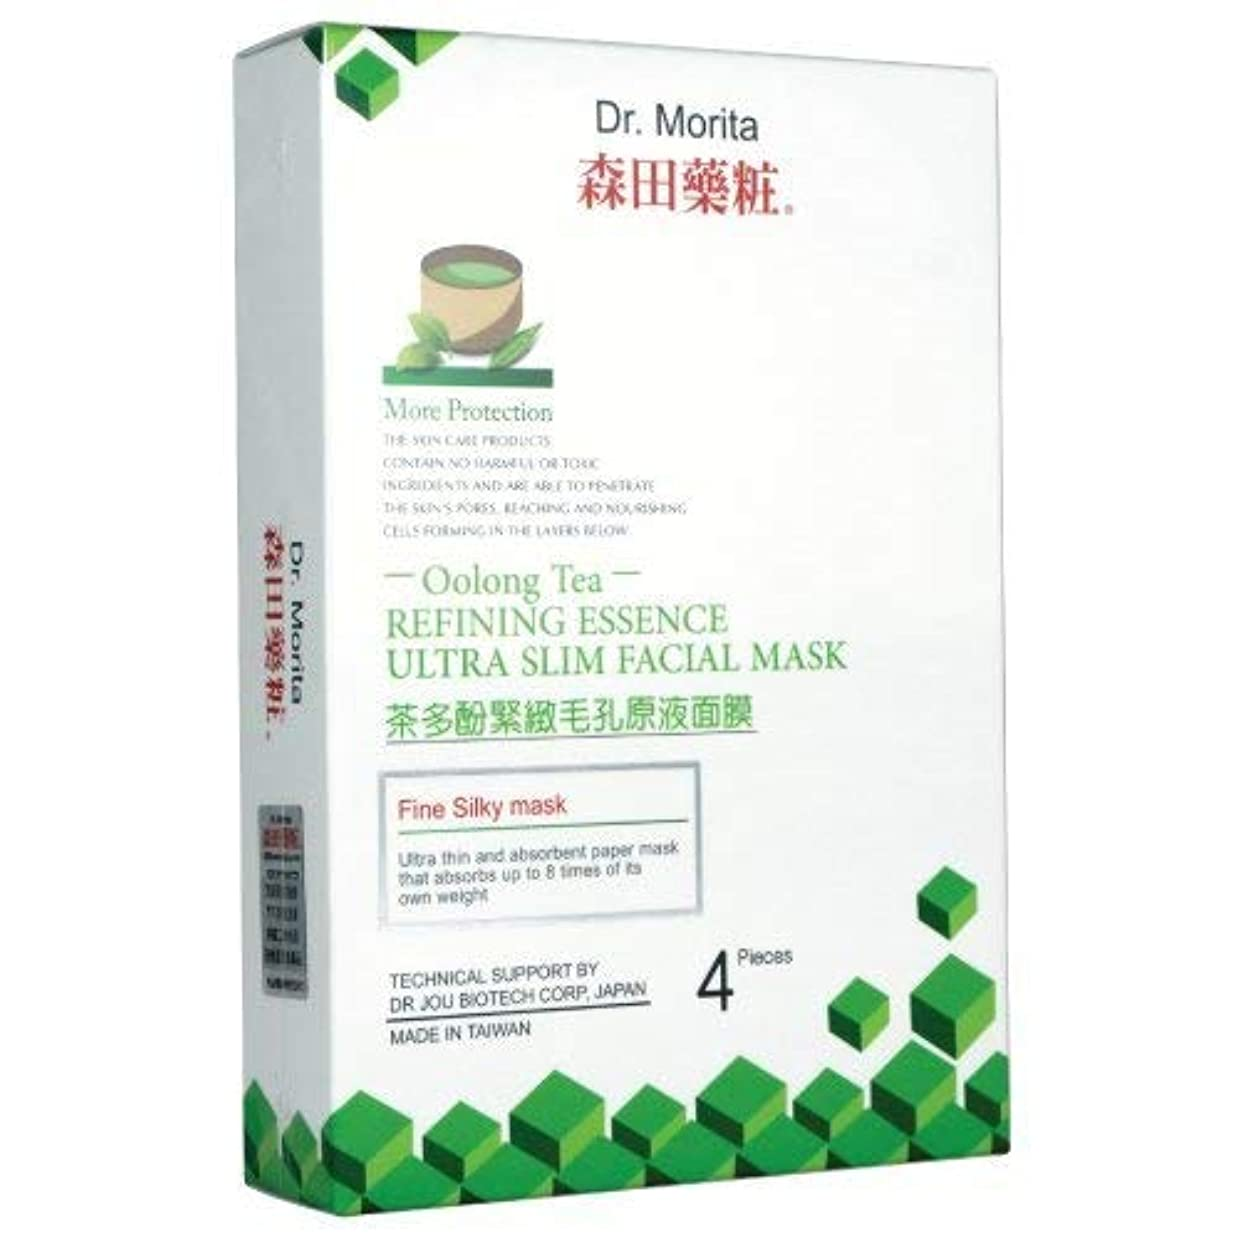 フロー奨励スマイルDoctor Morita (ウーロン茶)洗練されたエッセンス超スリムフェイシャルマスクは4肌を修復し、目に見える毛穴を引き締め、肌の質感の向上に役立ちます。